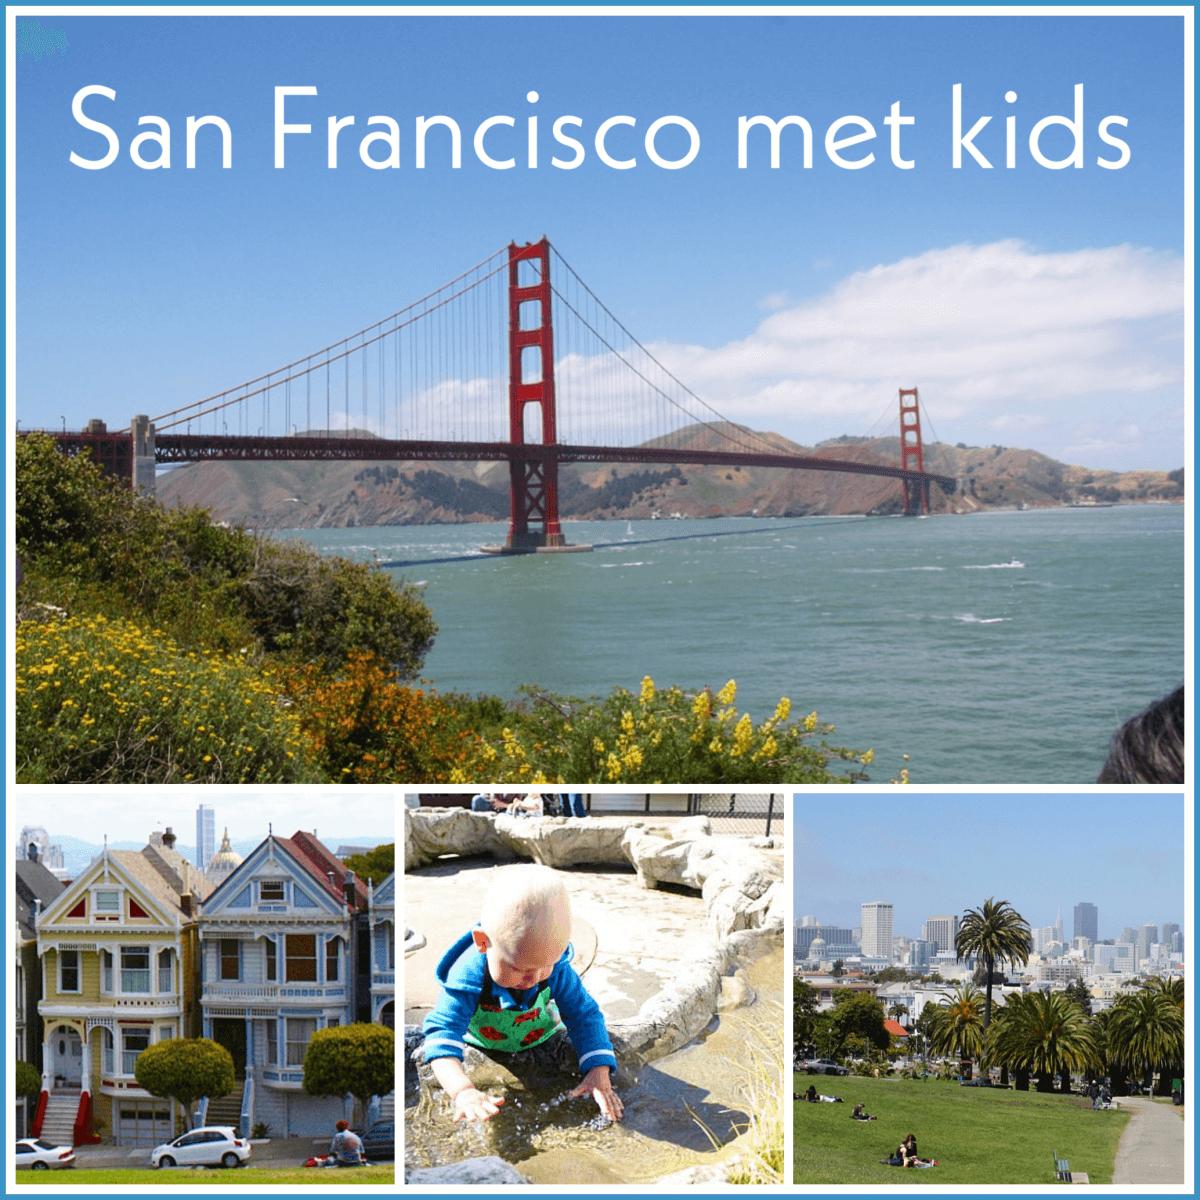 San Francisco met kids: kindvriendelijke tips van een local